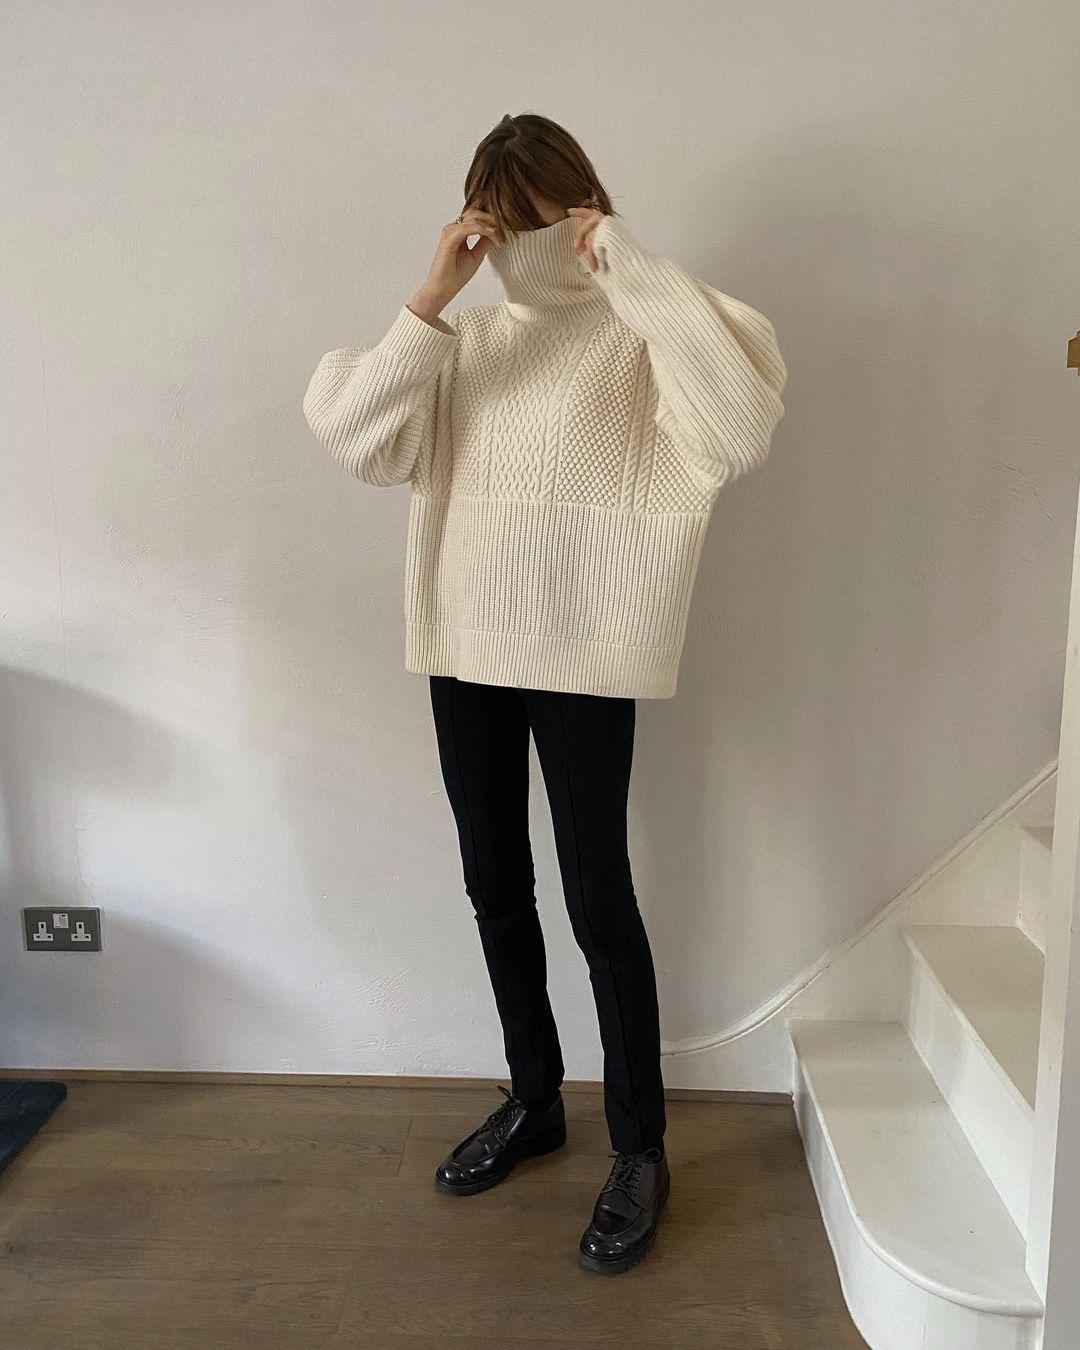 Simple Casual Turtleneck Winter Outfit Idea